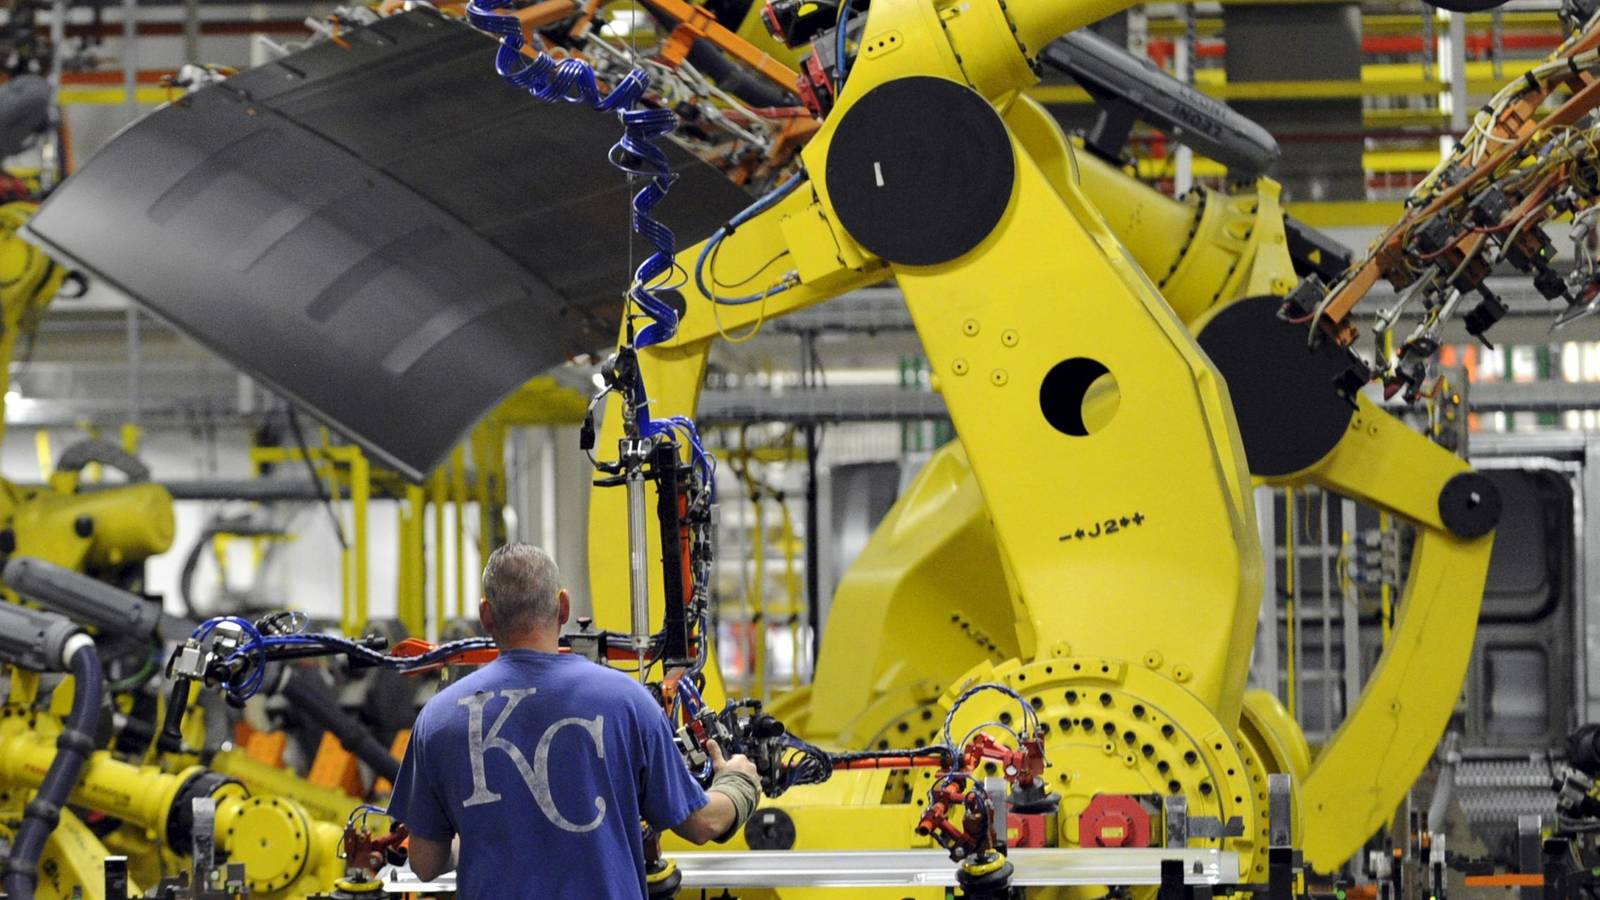 Cierra el Año la Producción Industrial con Debilidad Acentuada